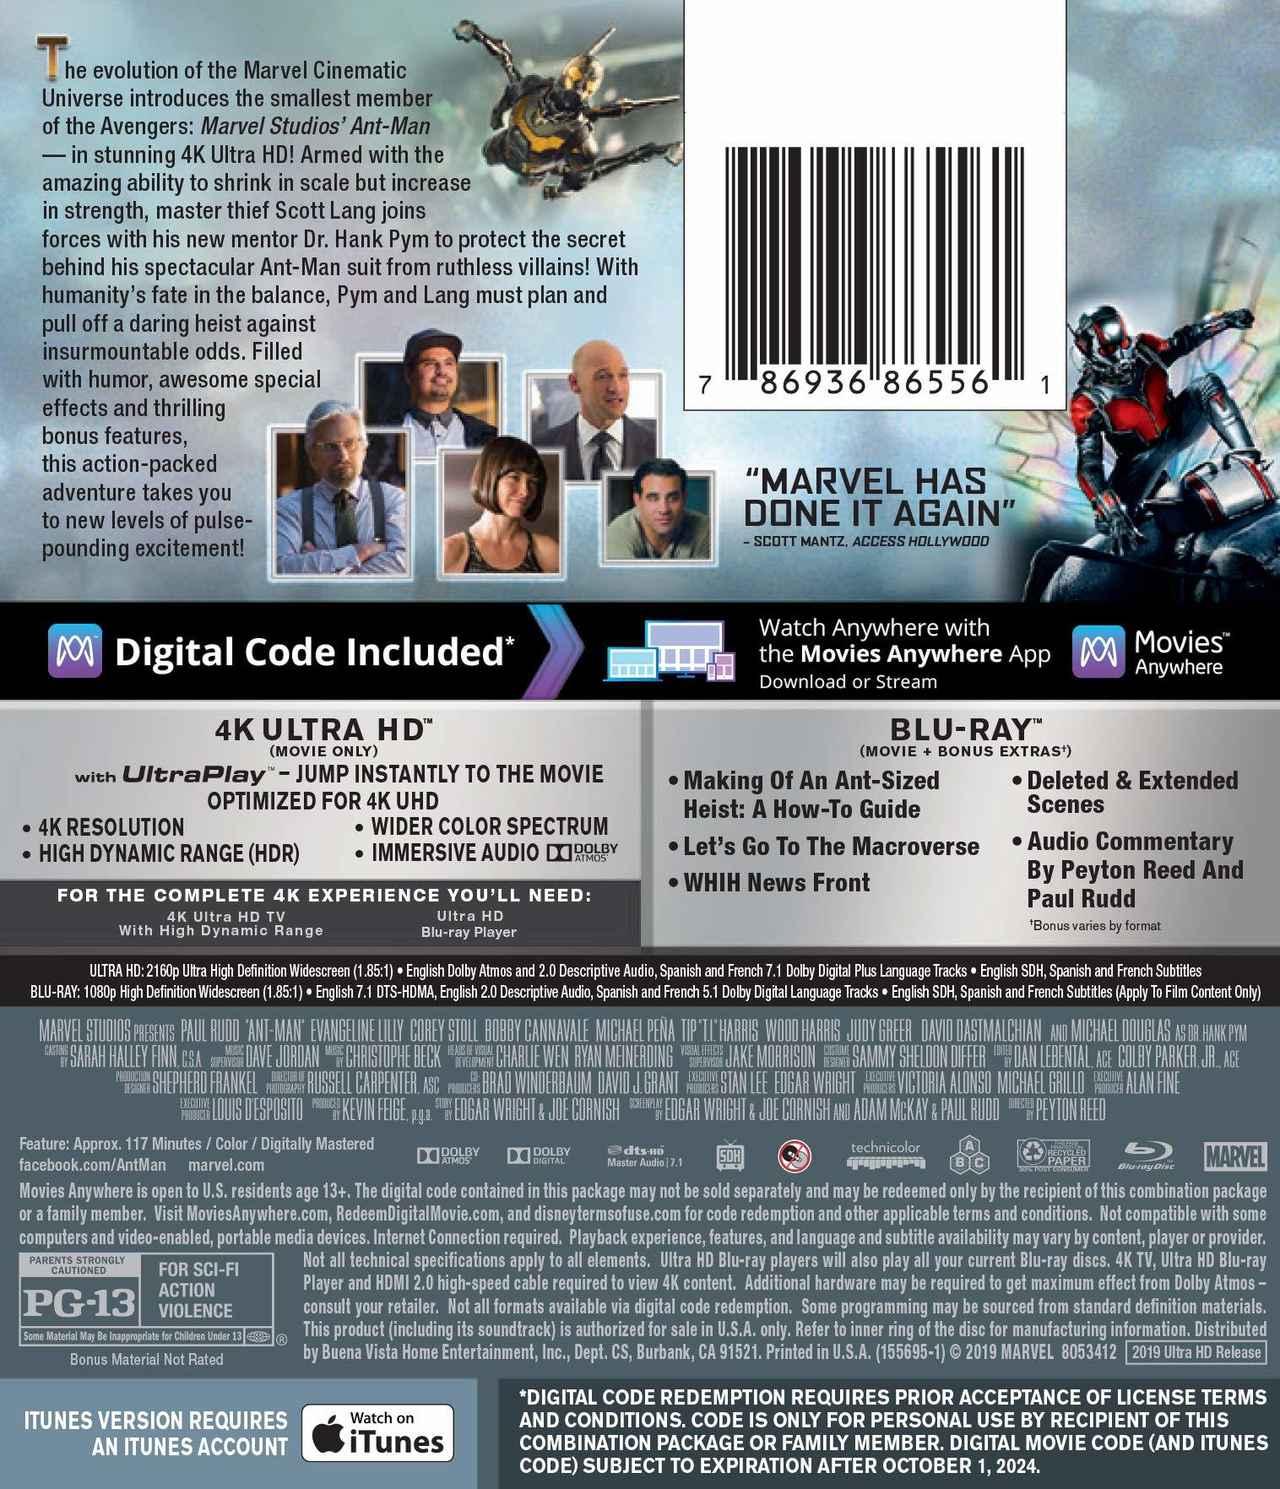 画像4: 10月の4Kマーベル・シネマティック・ユニバース『ガーディアンズ・オブ・ギャラクシー』『アントマン』『ドクター・ストレンジ』【海外盤Blu-ray発売情報】